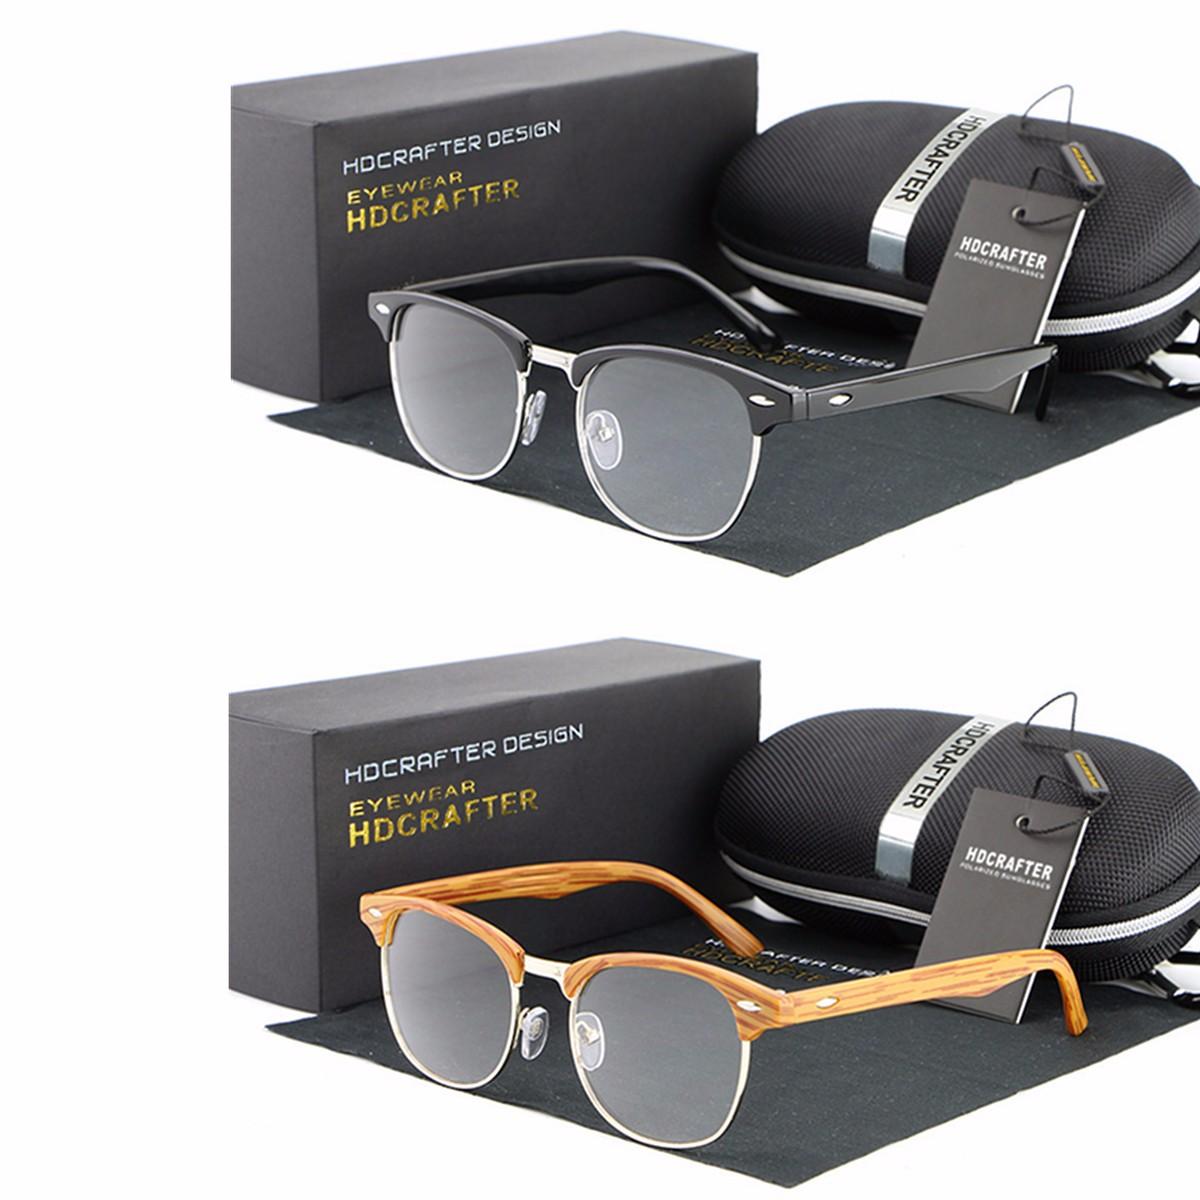 Men Women Retro Eyeglasses Frame Full-rim Glasses Vintage Eyewear Clear Lens - unbranded/generic - ebay.co.uk